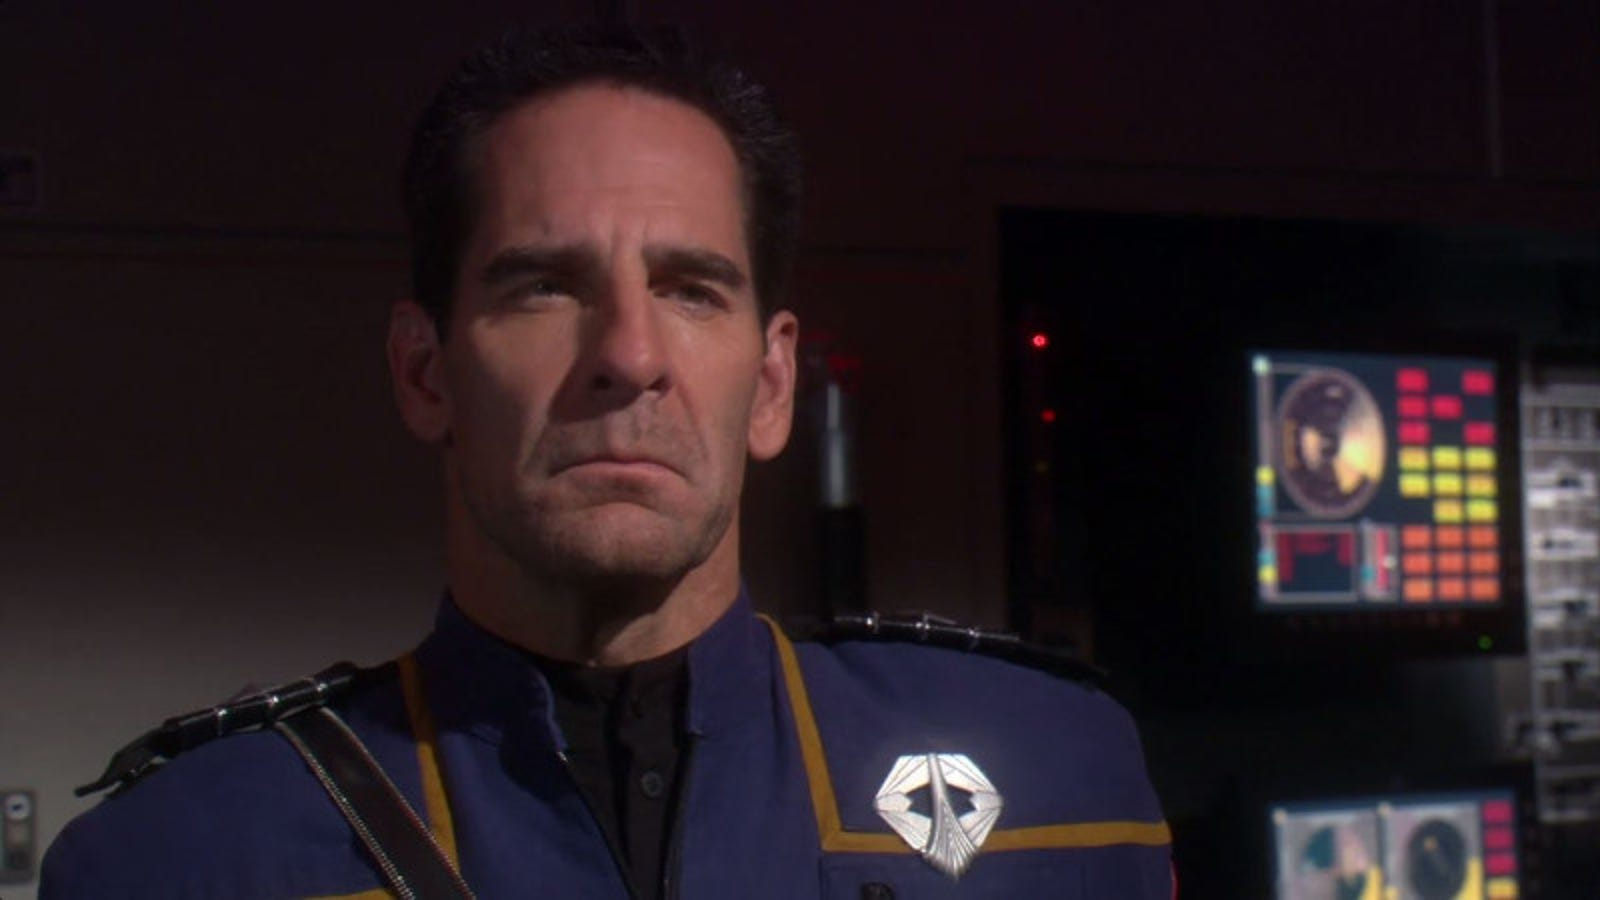 Overthinking The Star Trek Enterprise Episode In A